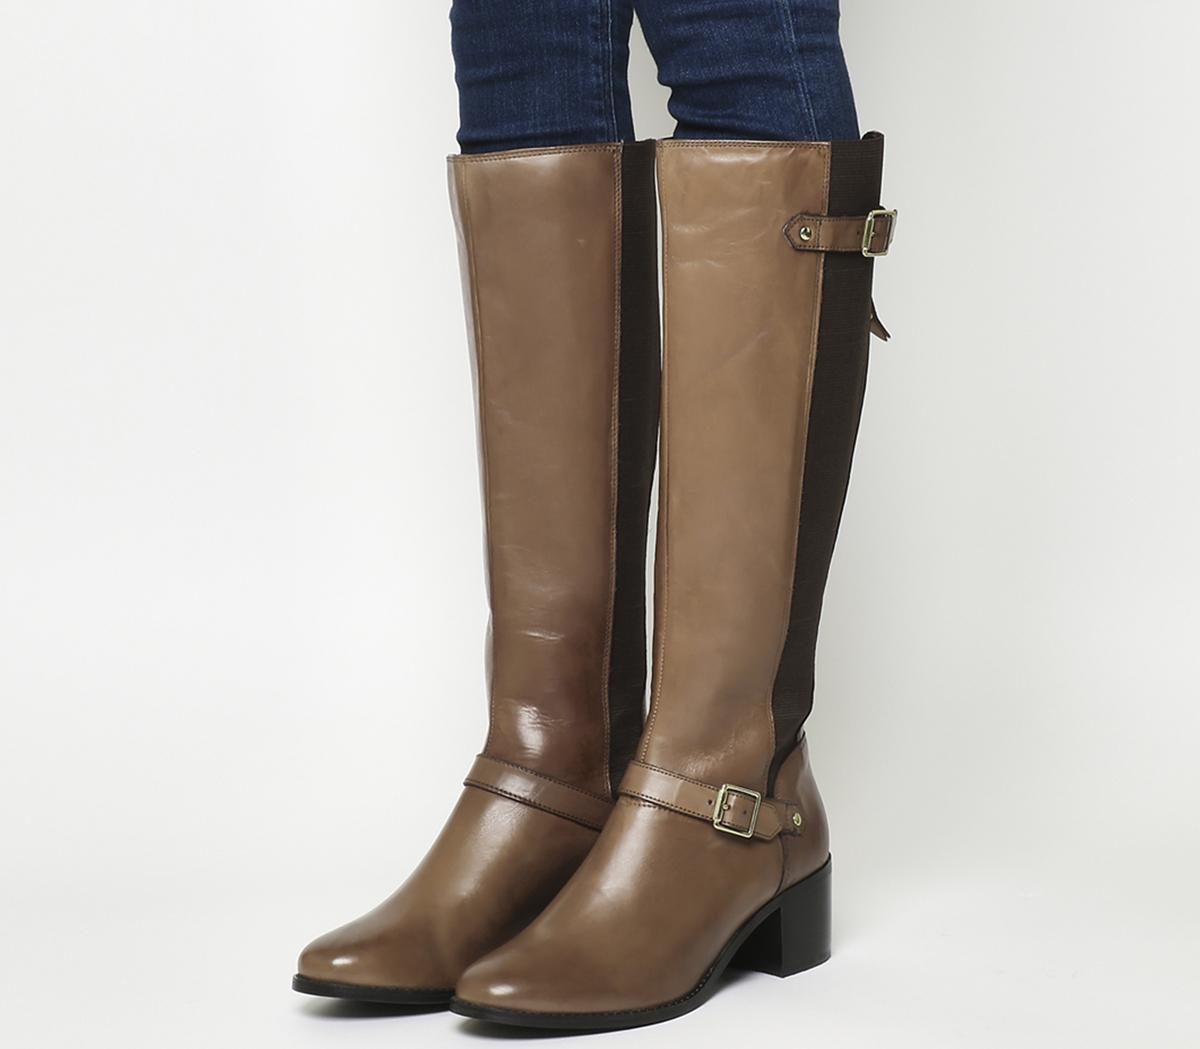 Kestrel Mid Heel Riding Boots